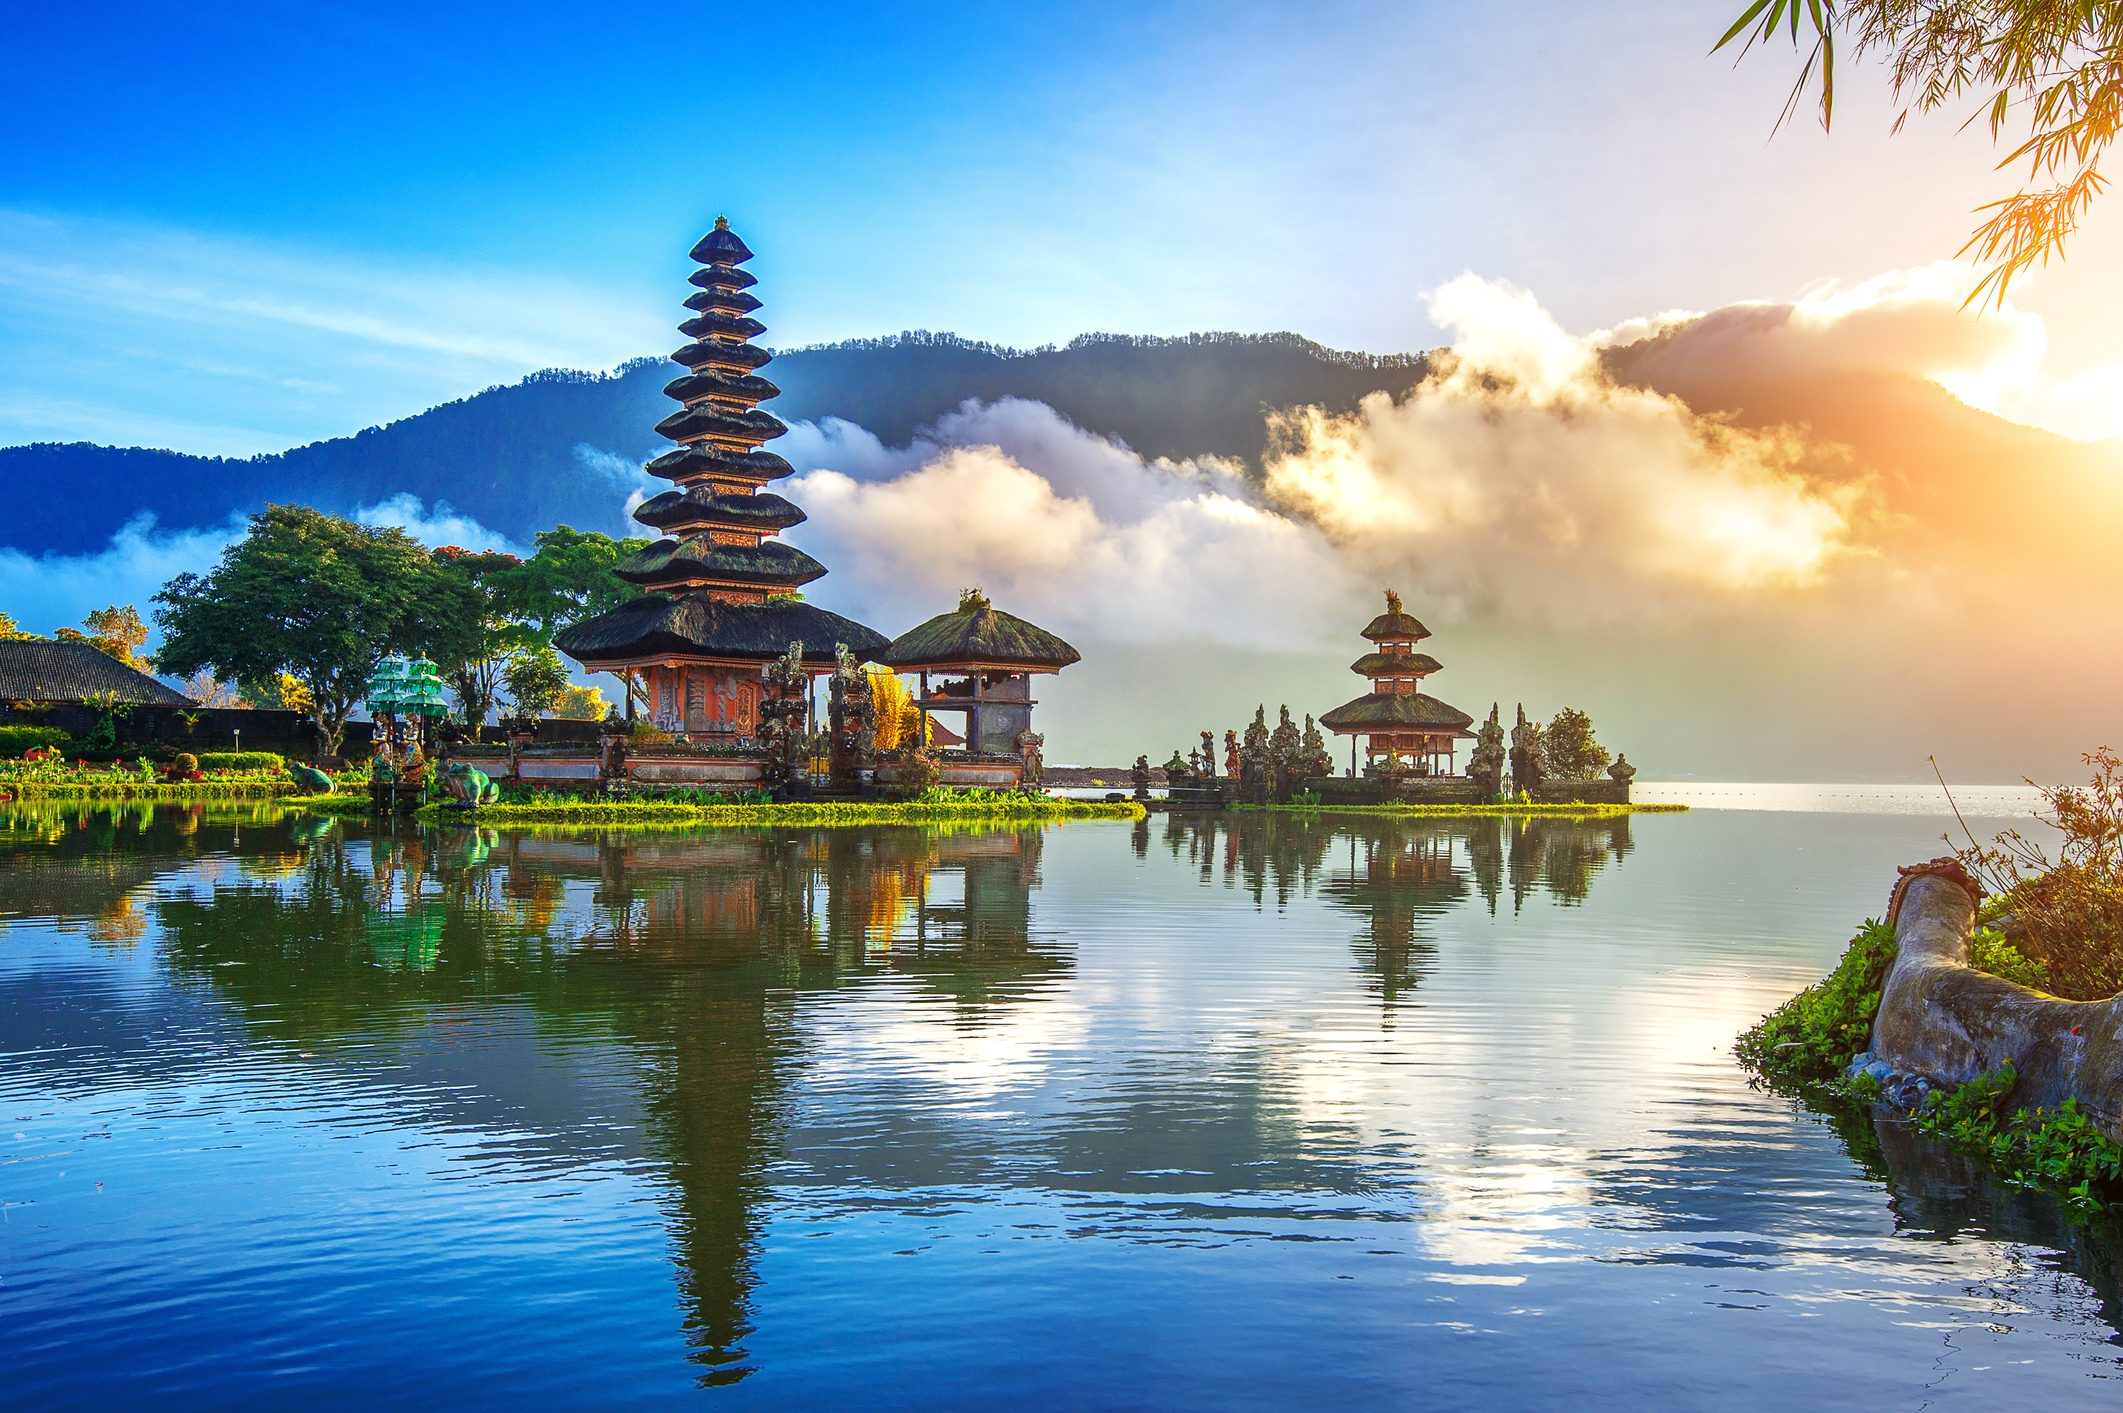 pura ulun danu bratan temple in Bali.